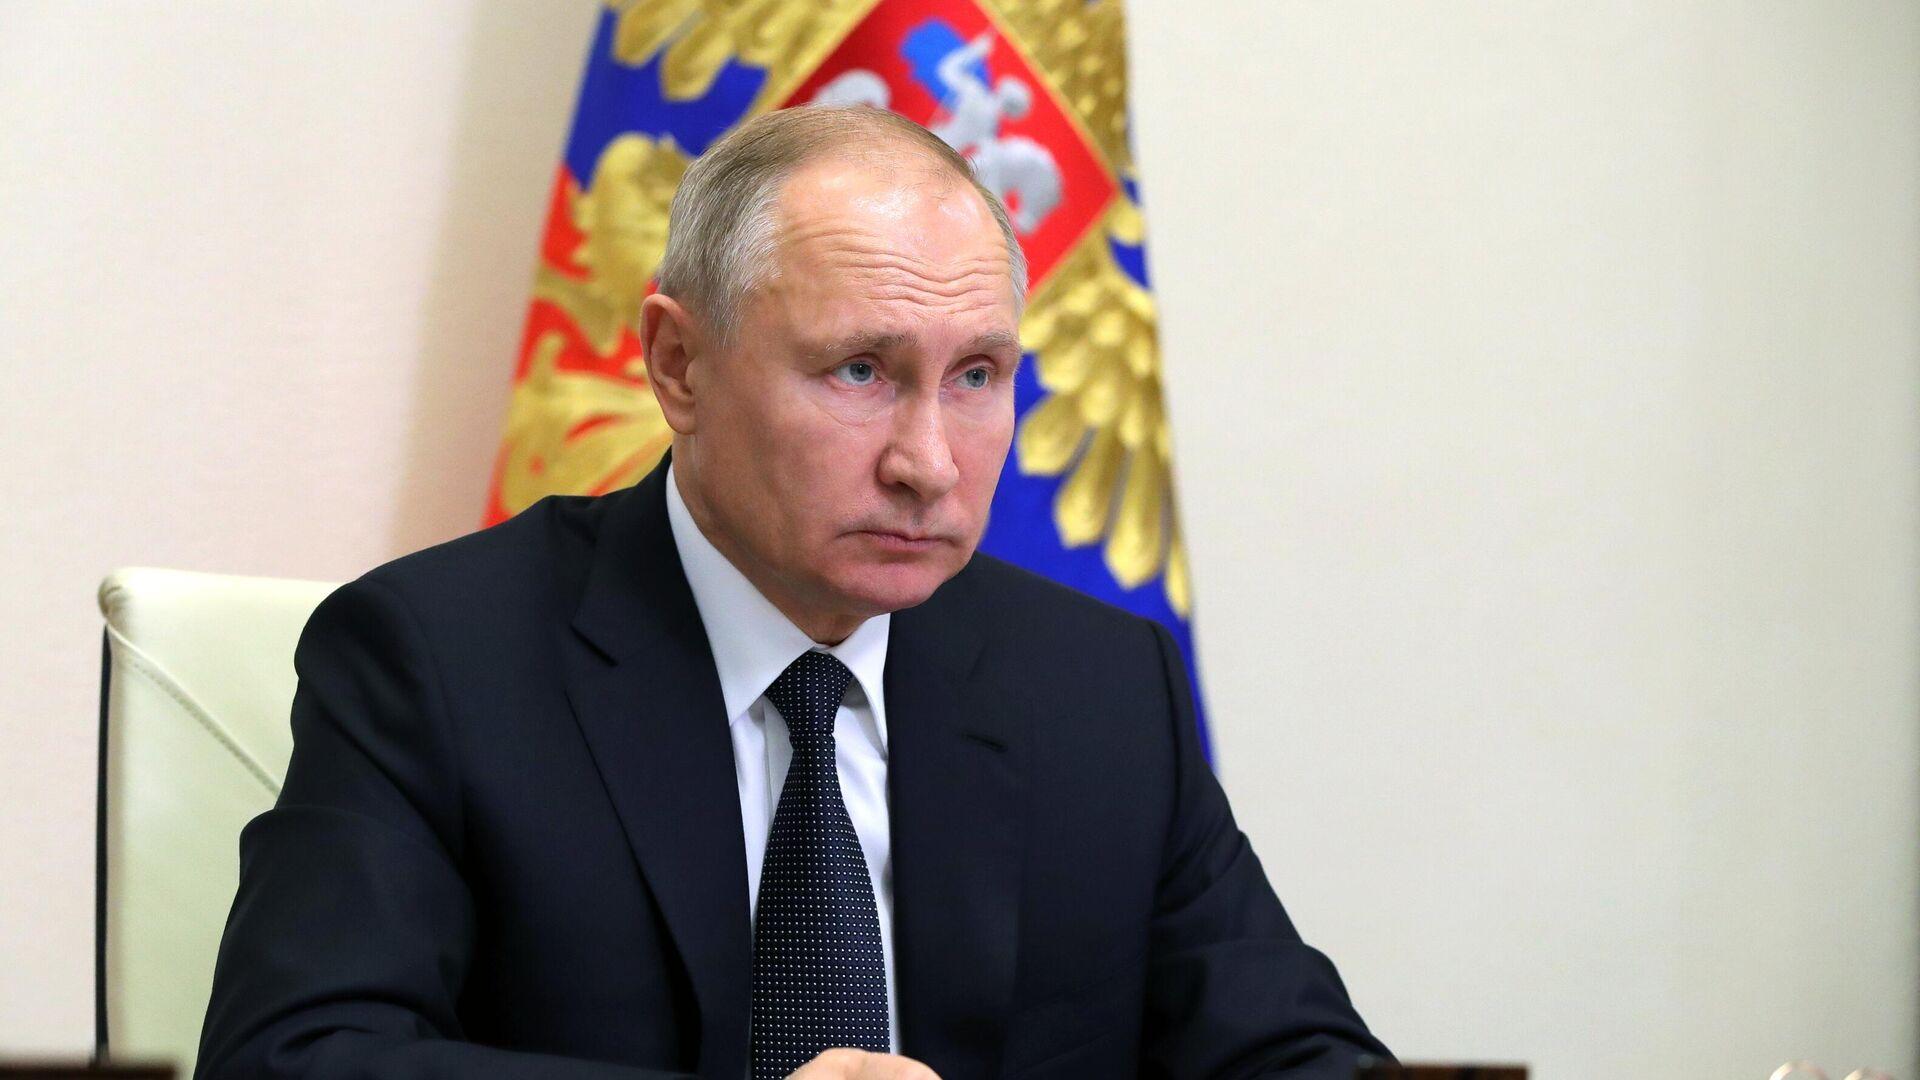 Президент РФ В. Путин провел совместное заседание Госсовета и Совета по стратегическому развитию и национальным проектам - РИА Новости, 1920, 23.12.2020